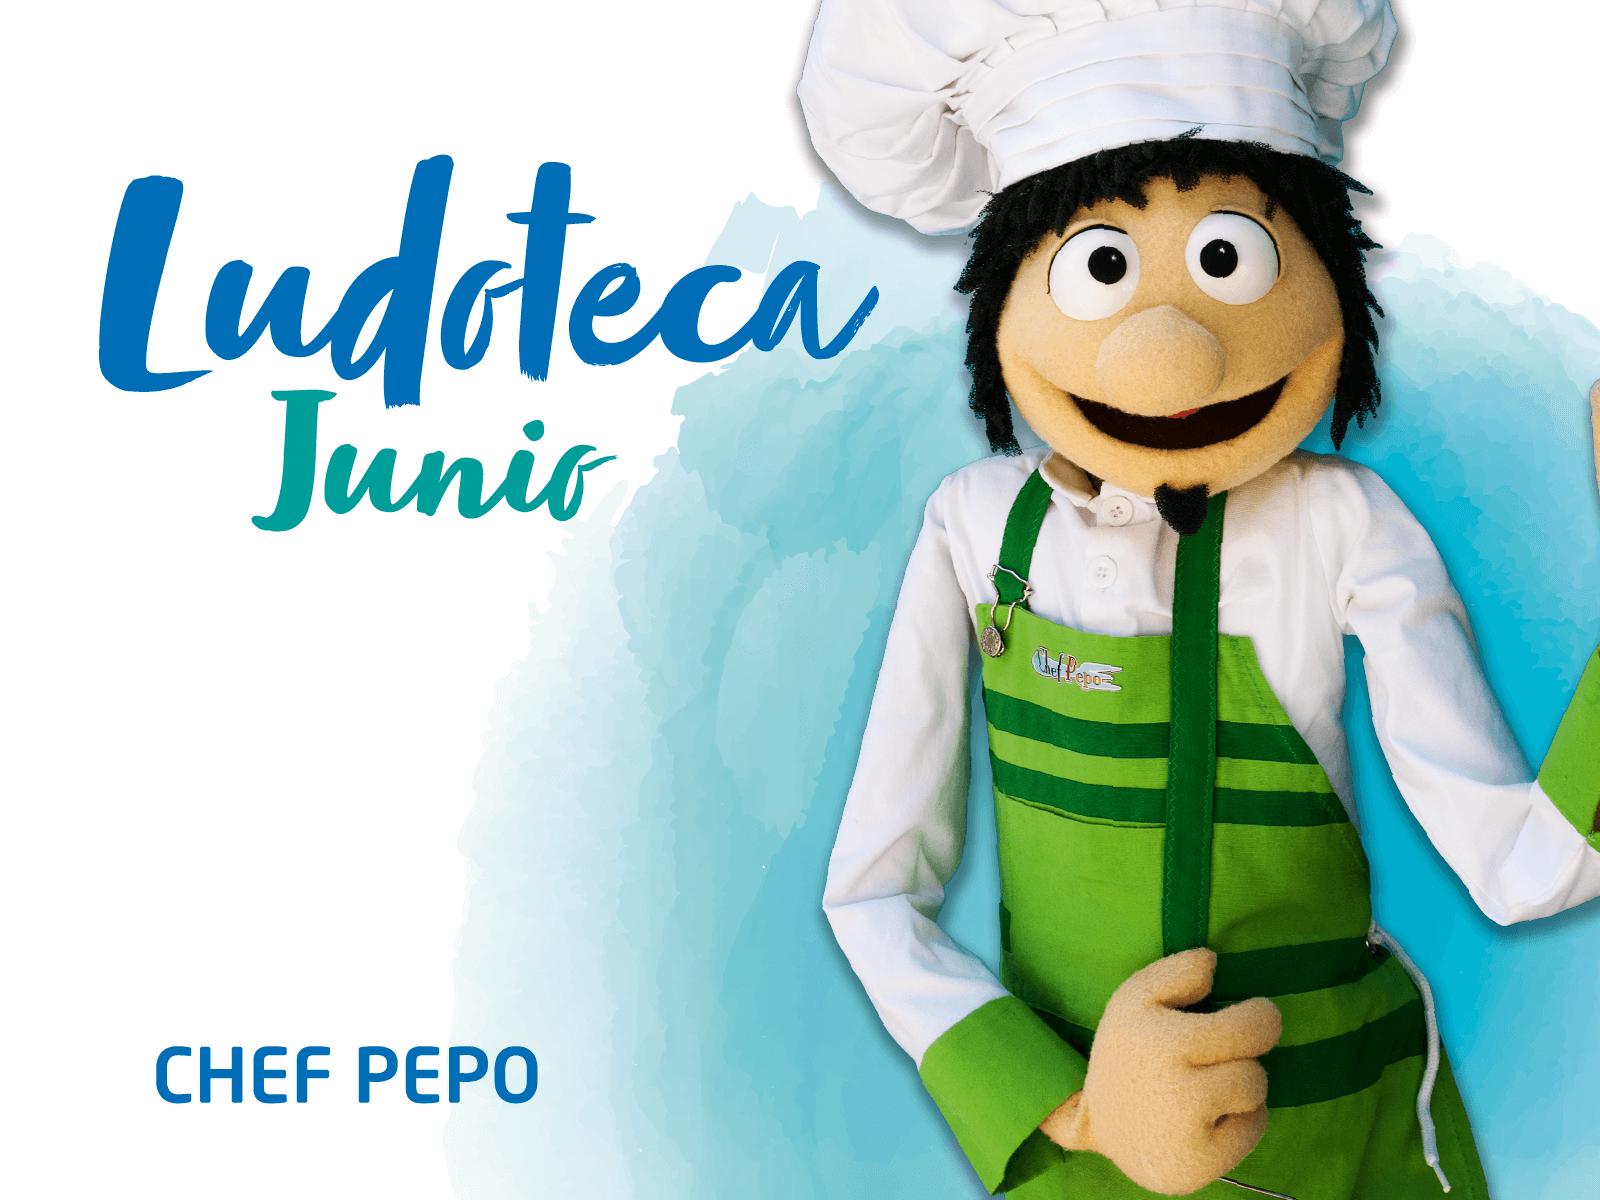 Ludoteca Chef Pepo Junio